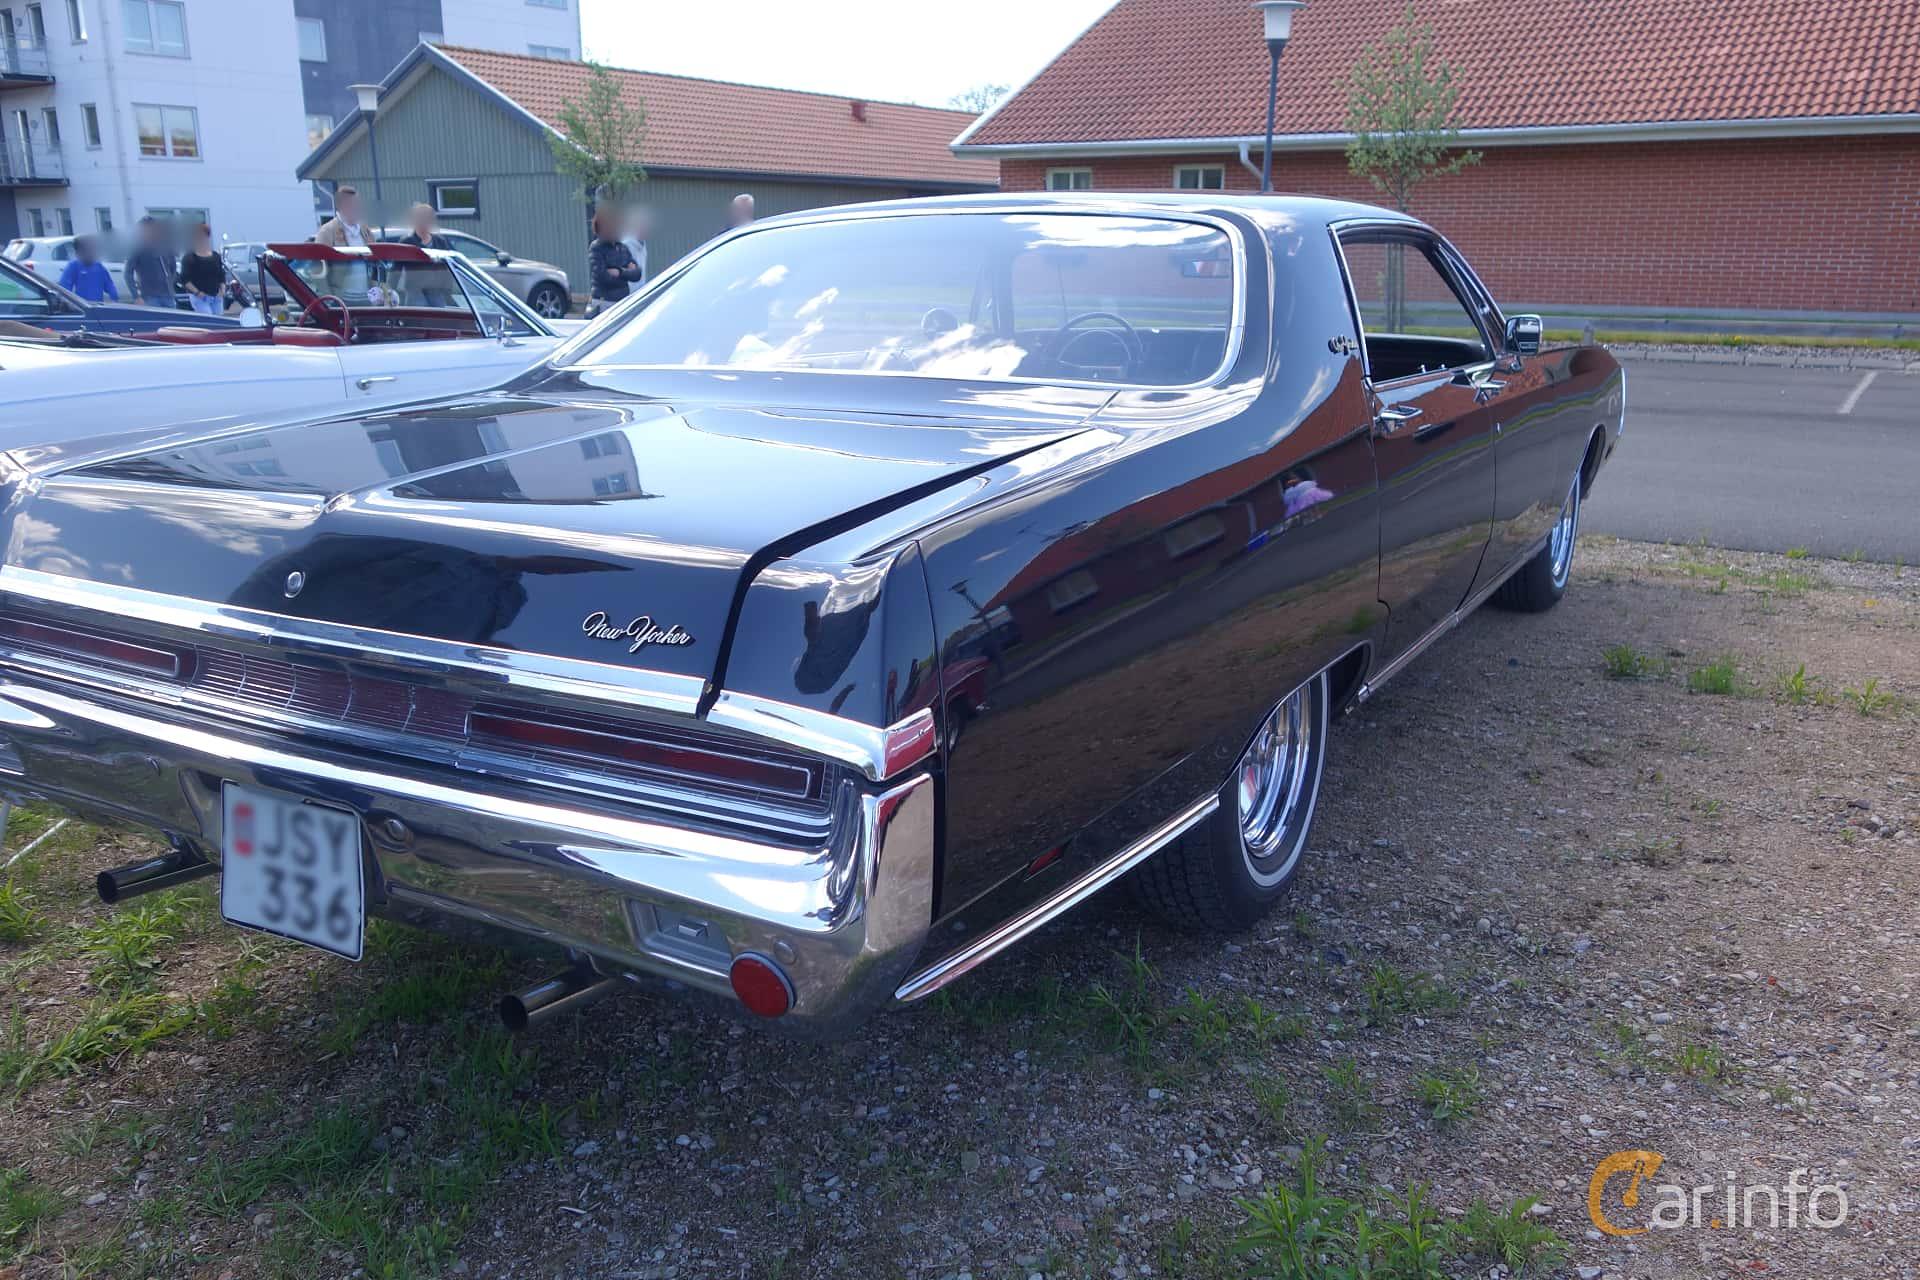 Chrysler New Yorker 4 Door Hardtop 7 2 V8 Torqueflite